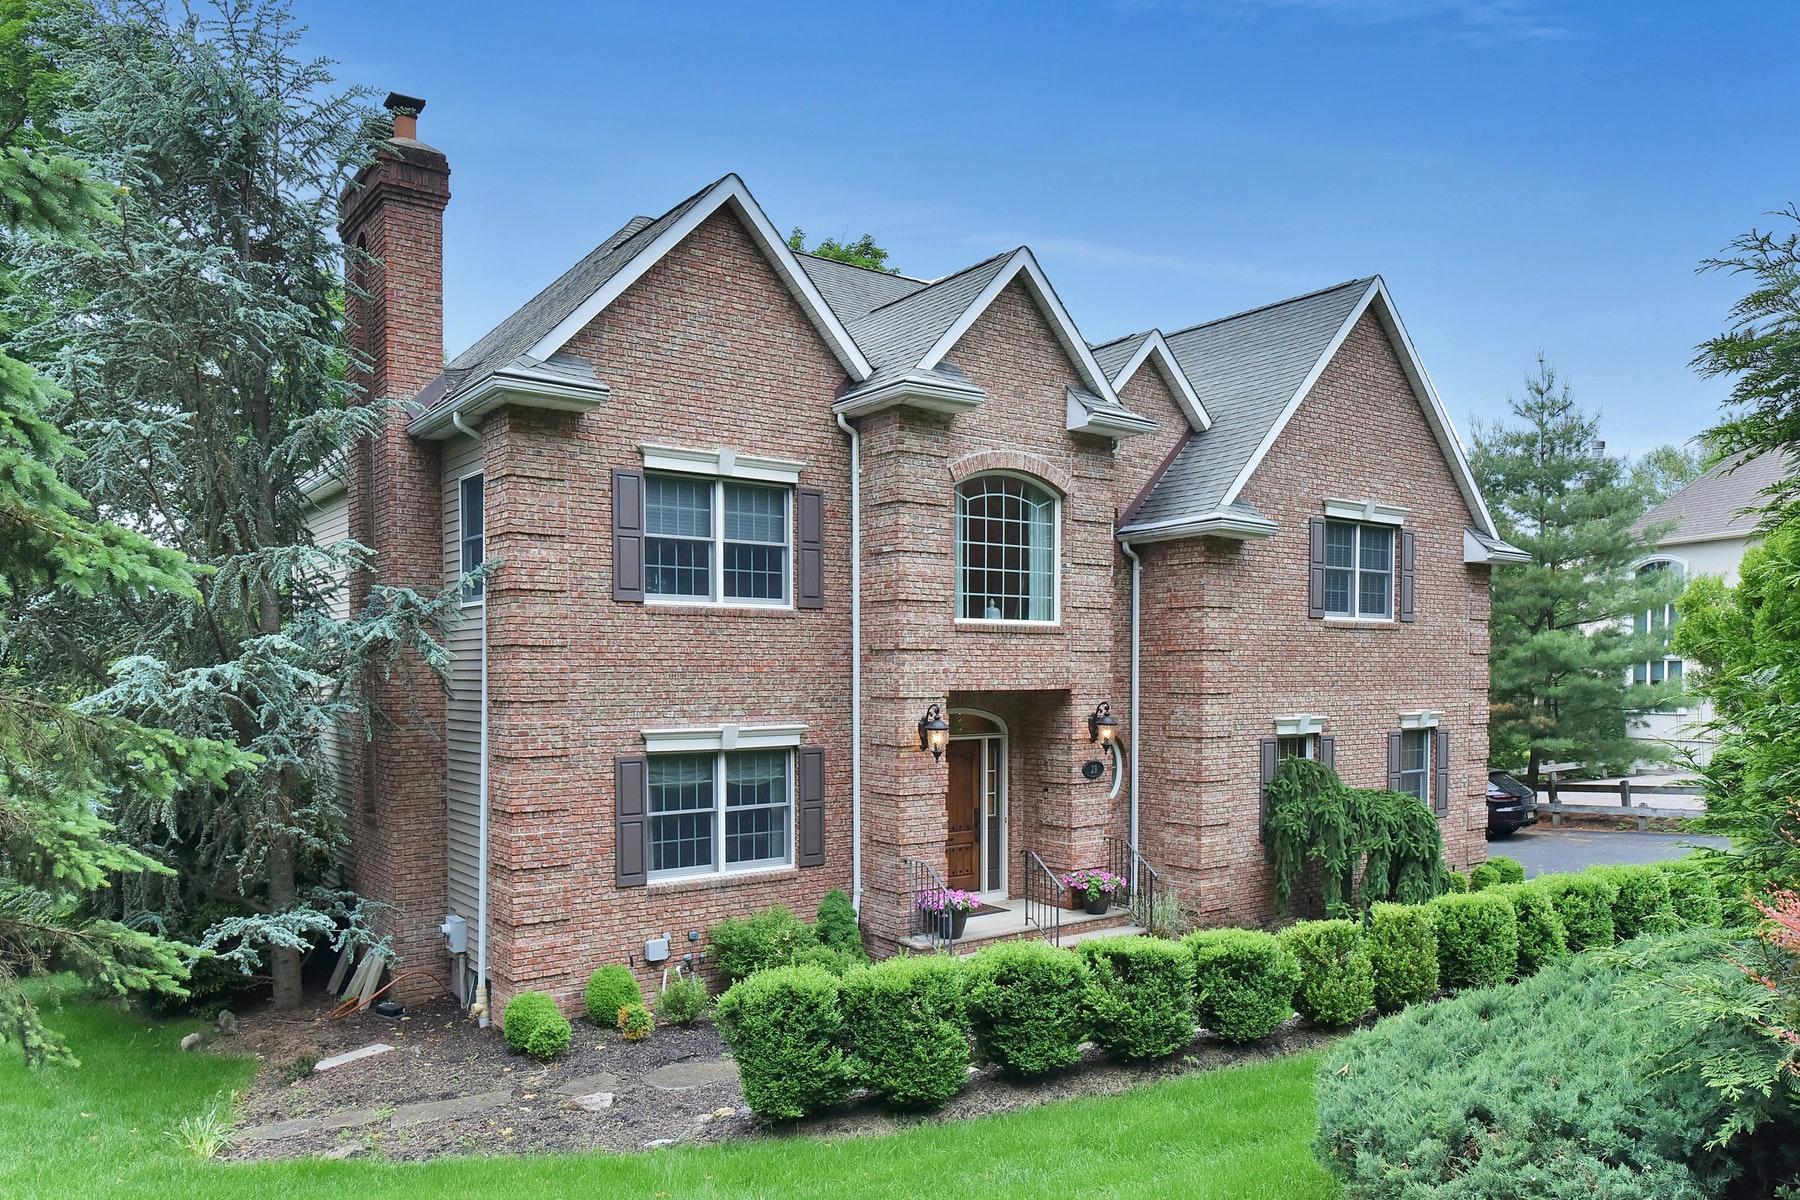 Maison unifamiliale pour l Vente à Rio Vista Patio Home 28 Village Drive Mahwah, New Jersey 07430 États-Unis